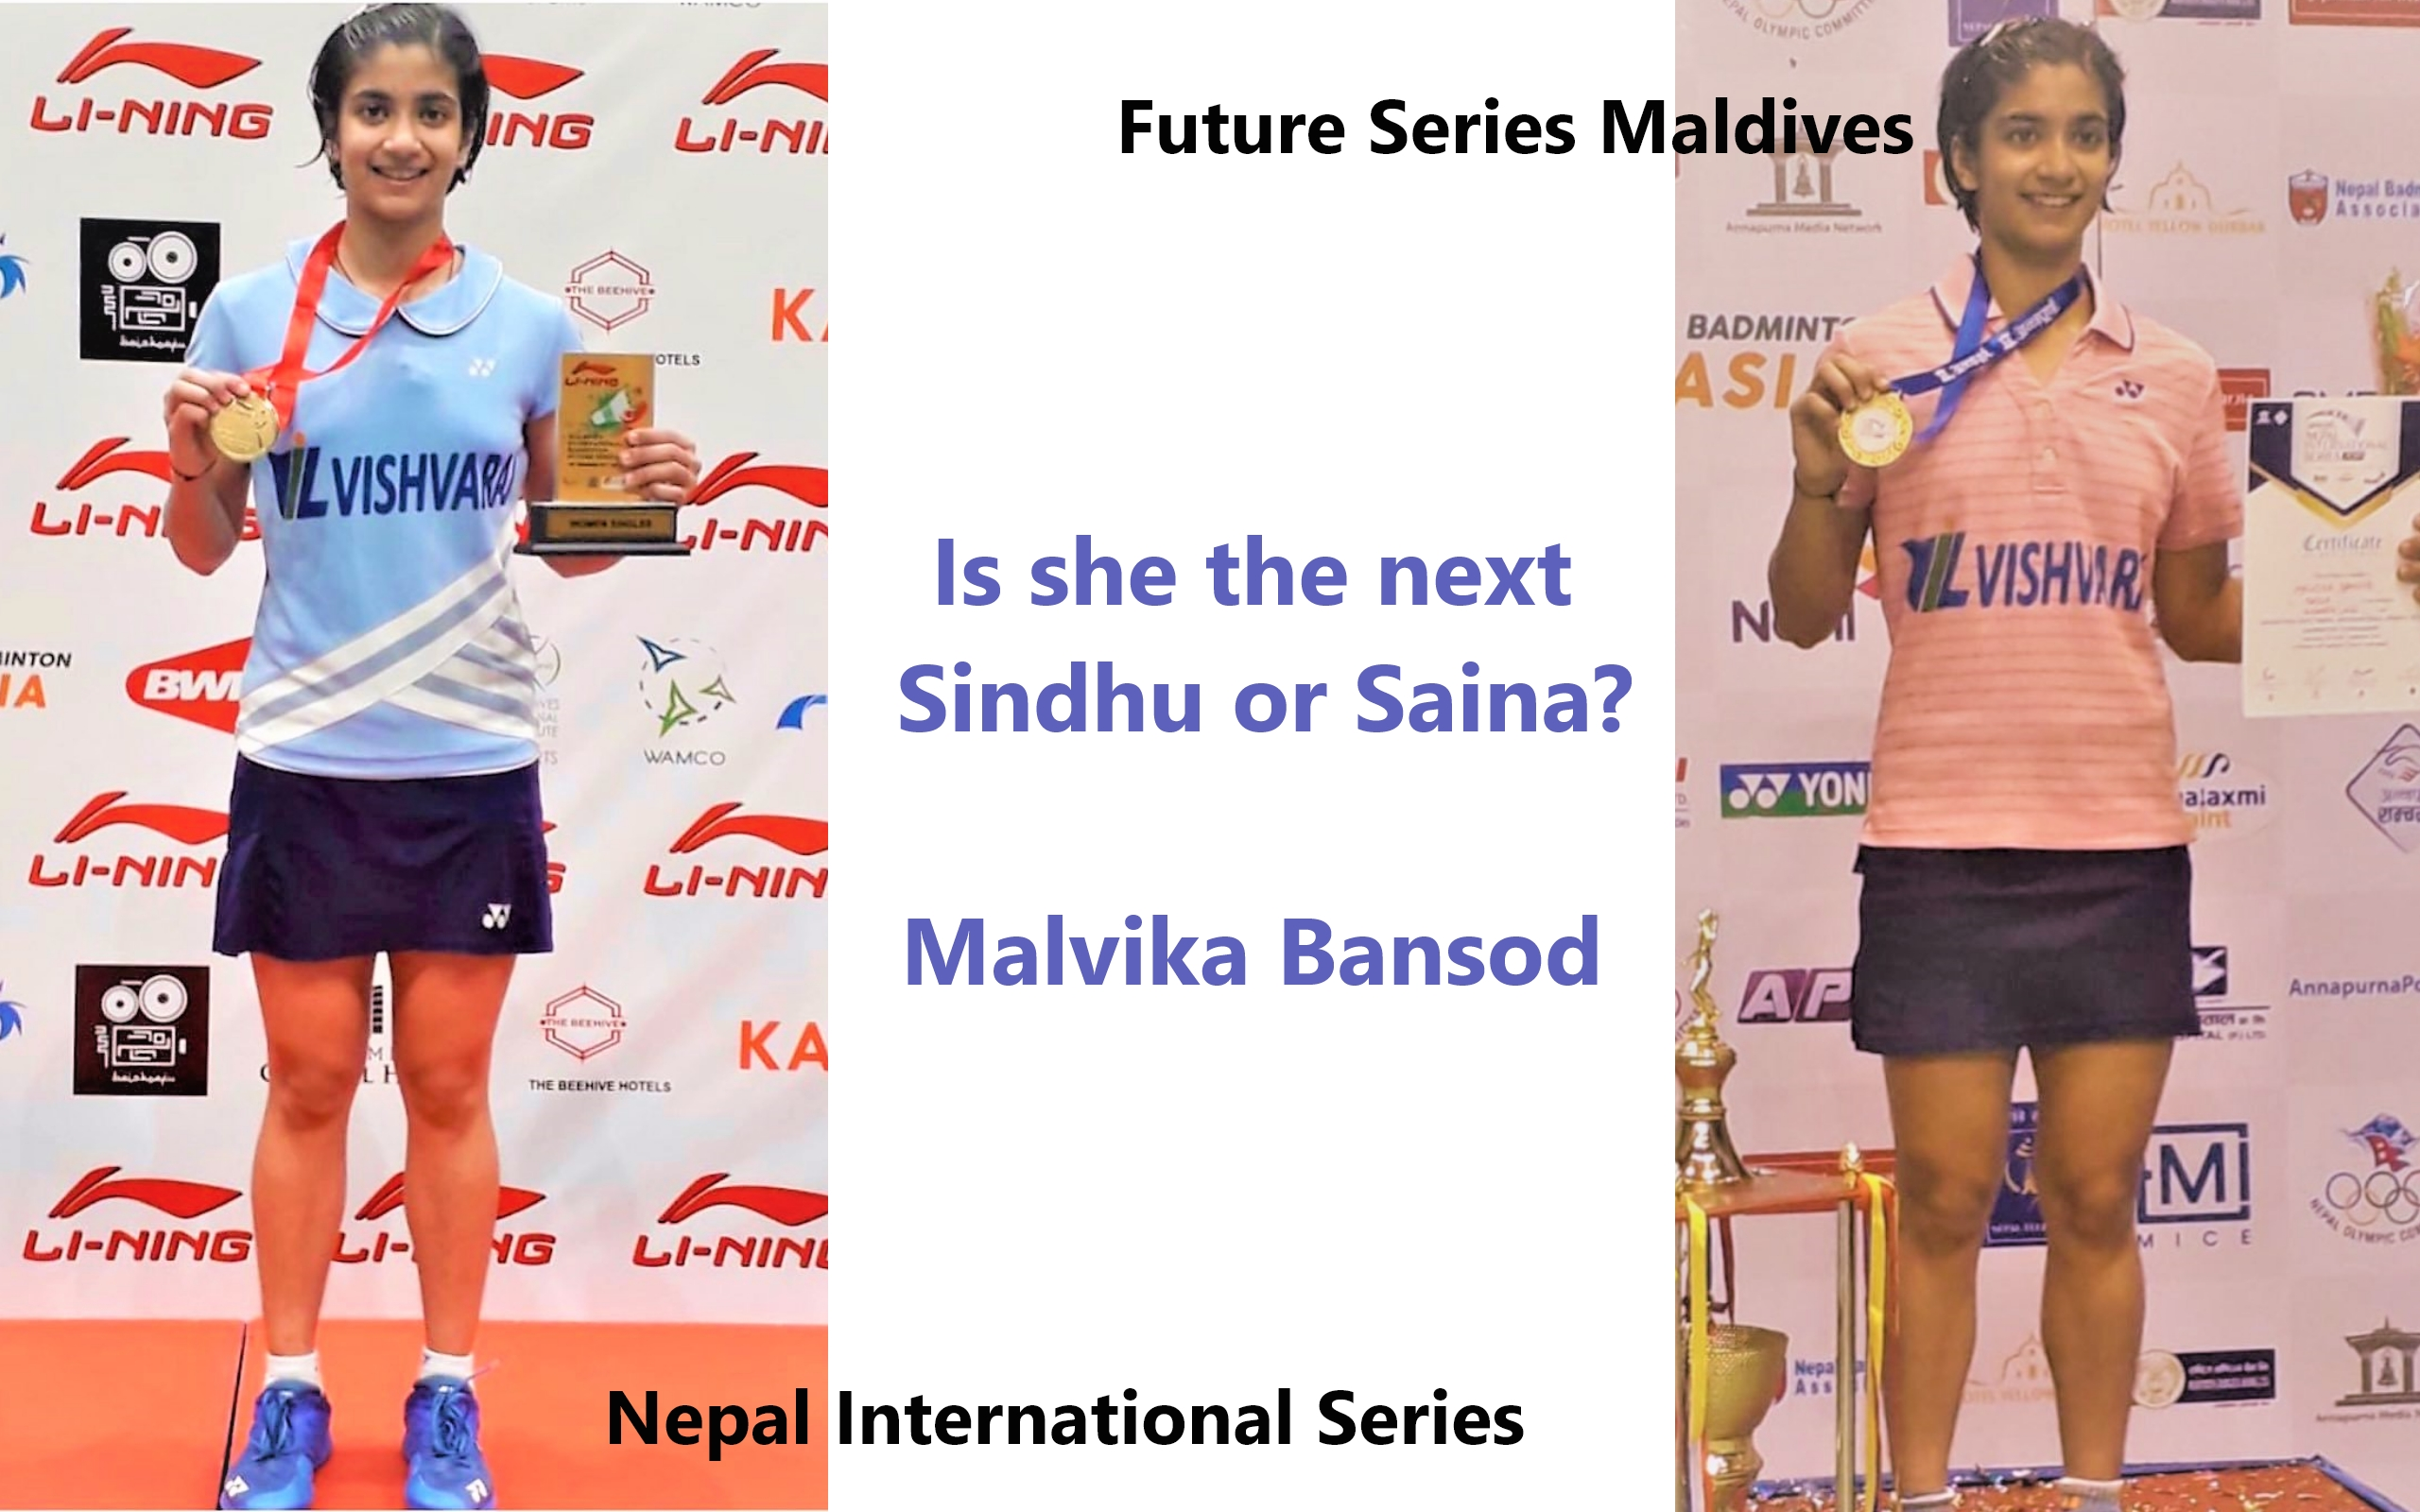 Rising Star Malvika Bansod - Next Sindhu or Saina?